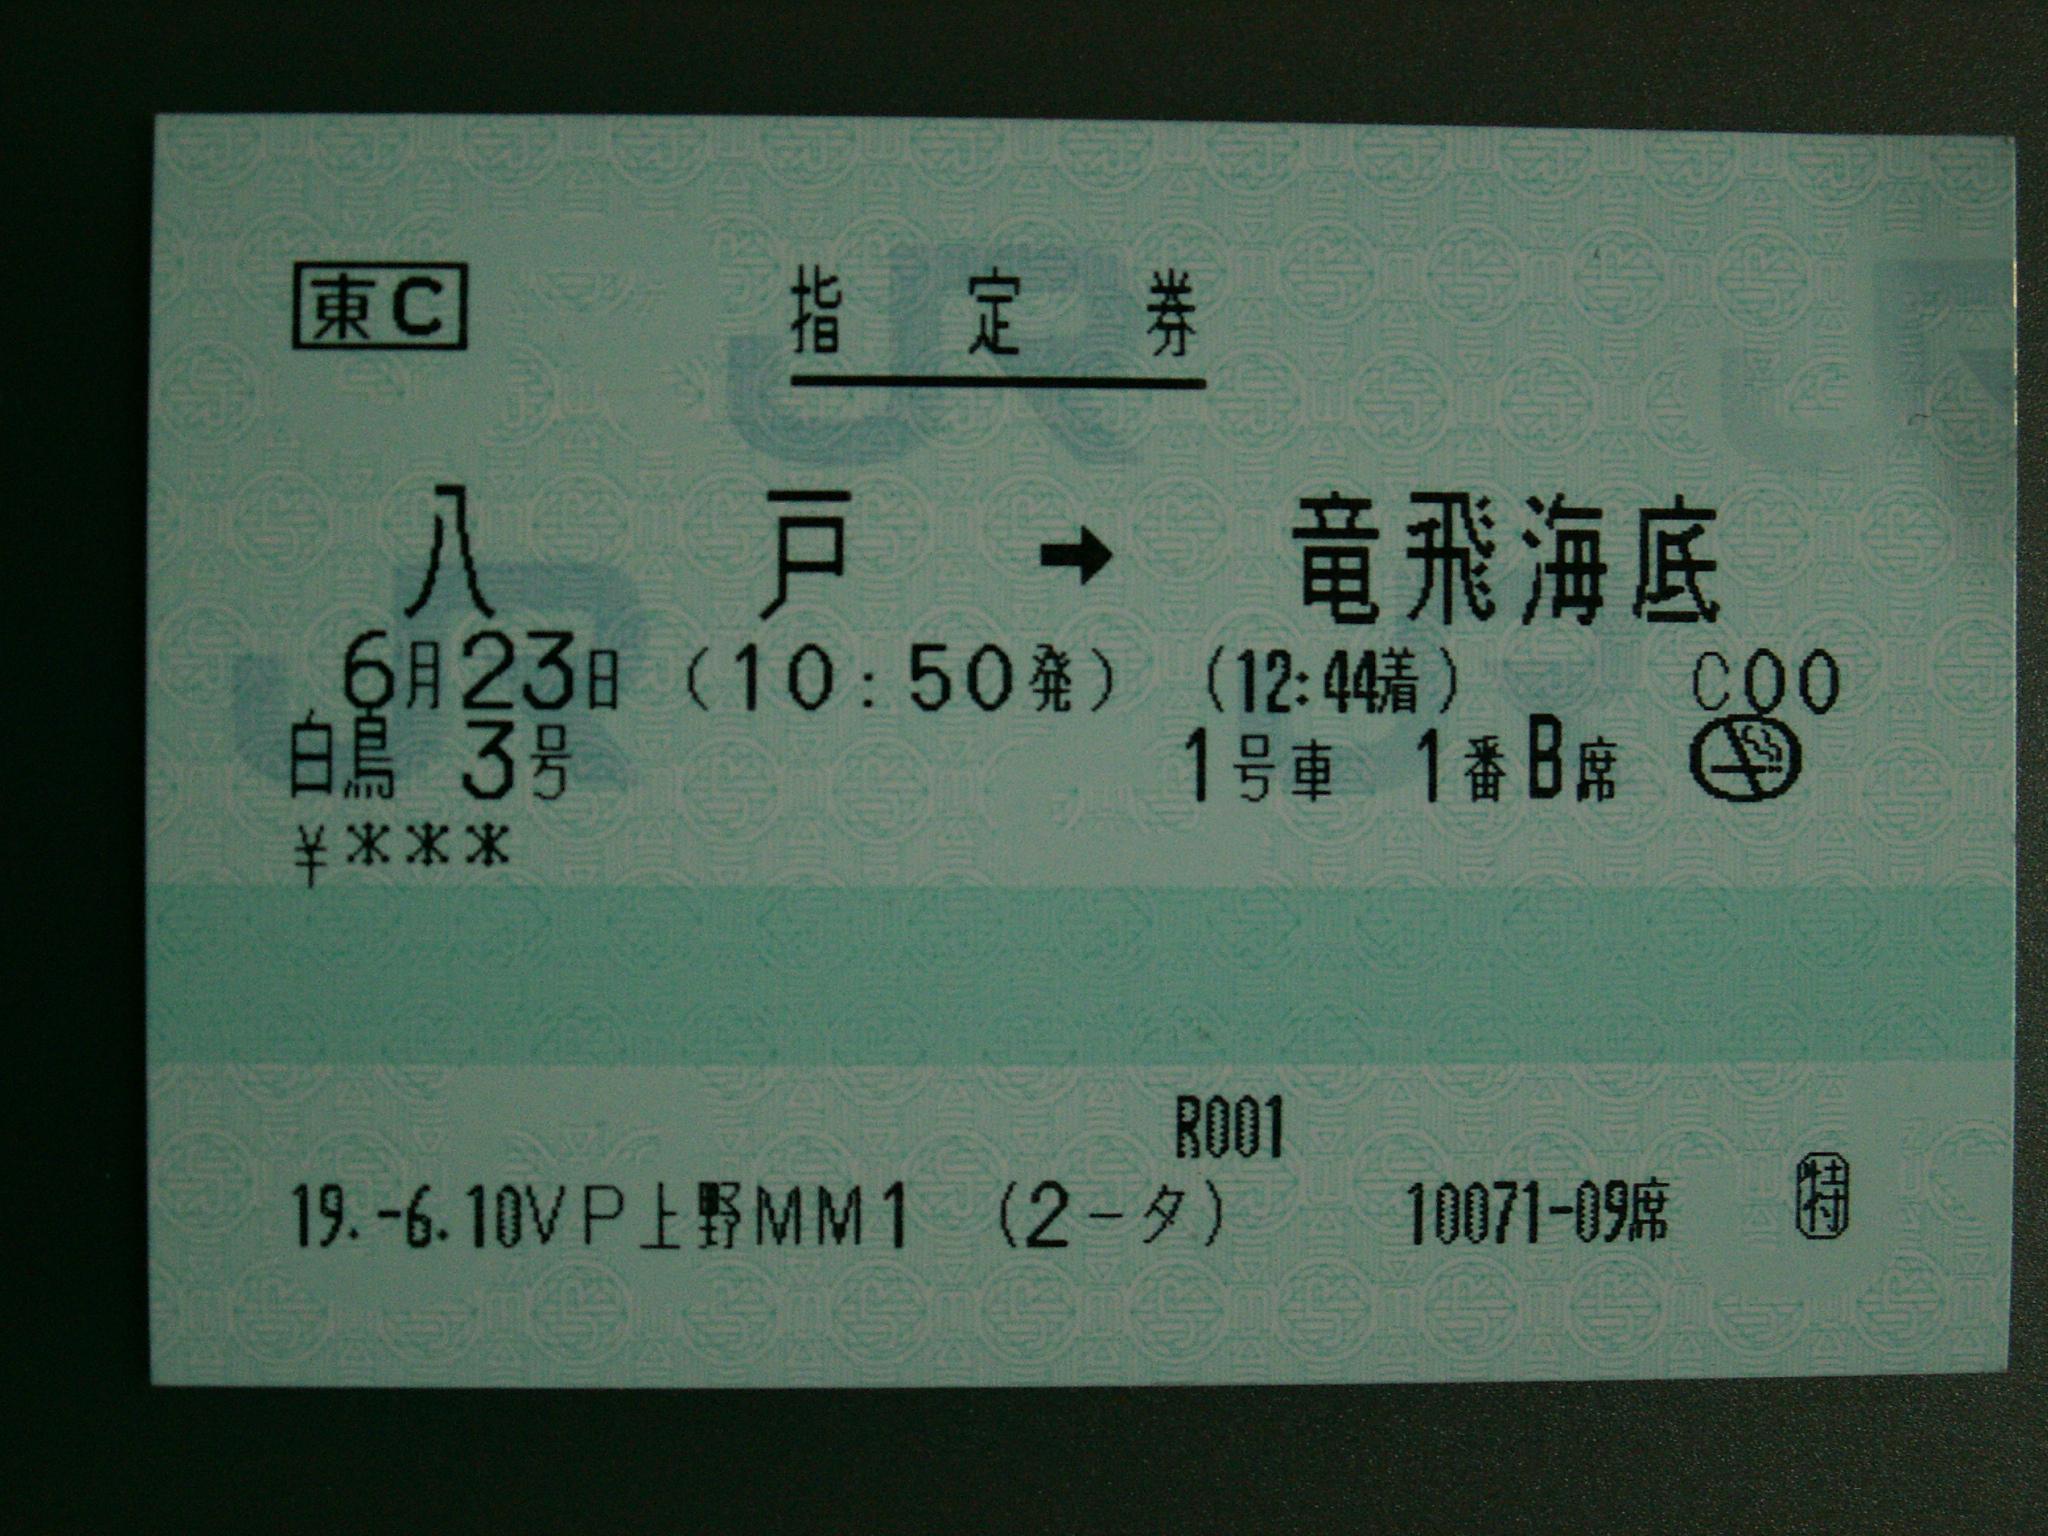 八戸駅-東京駅の新幹線 料金・時間【格安移動】